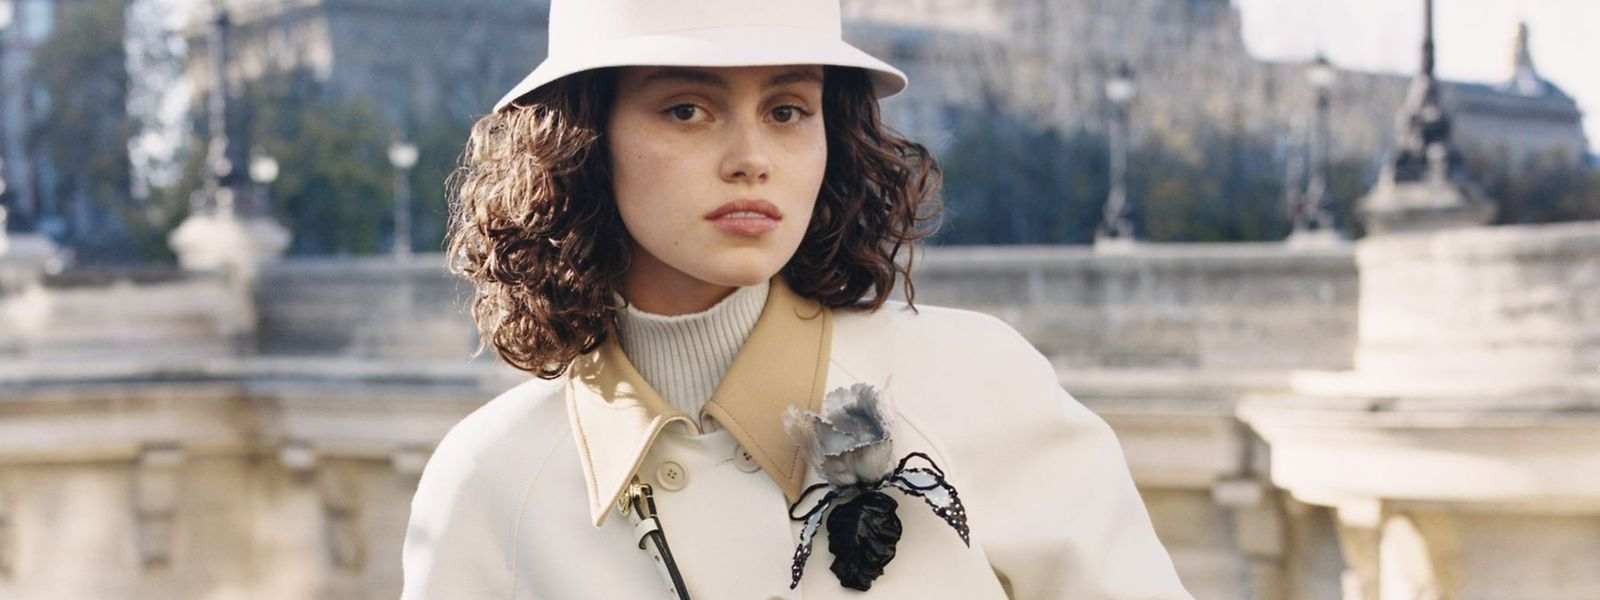 Für die neue Kampagne des Hauses Louis Vuitton stand Caroline Reuter am Pariser Pont Neuf vor der Kamera.